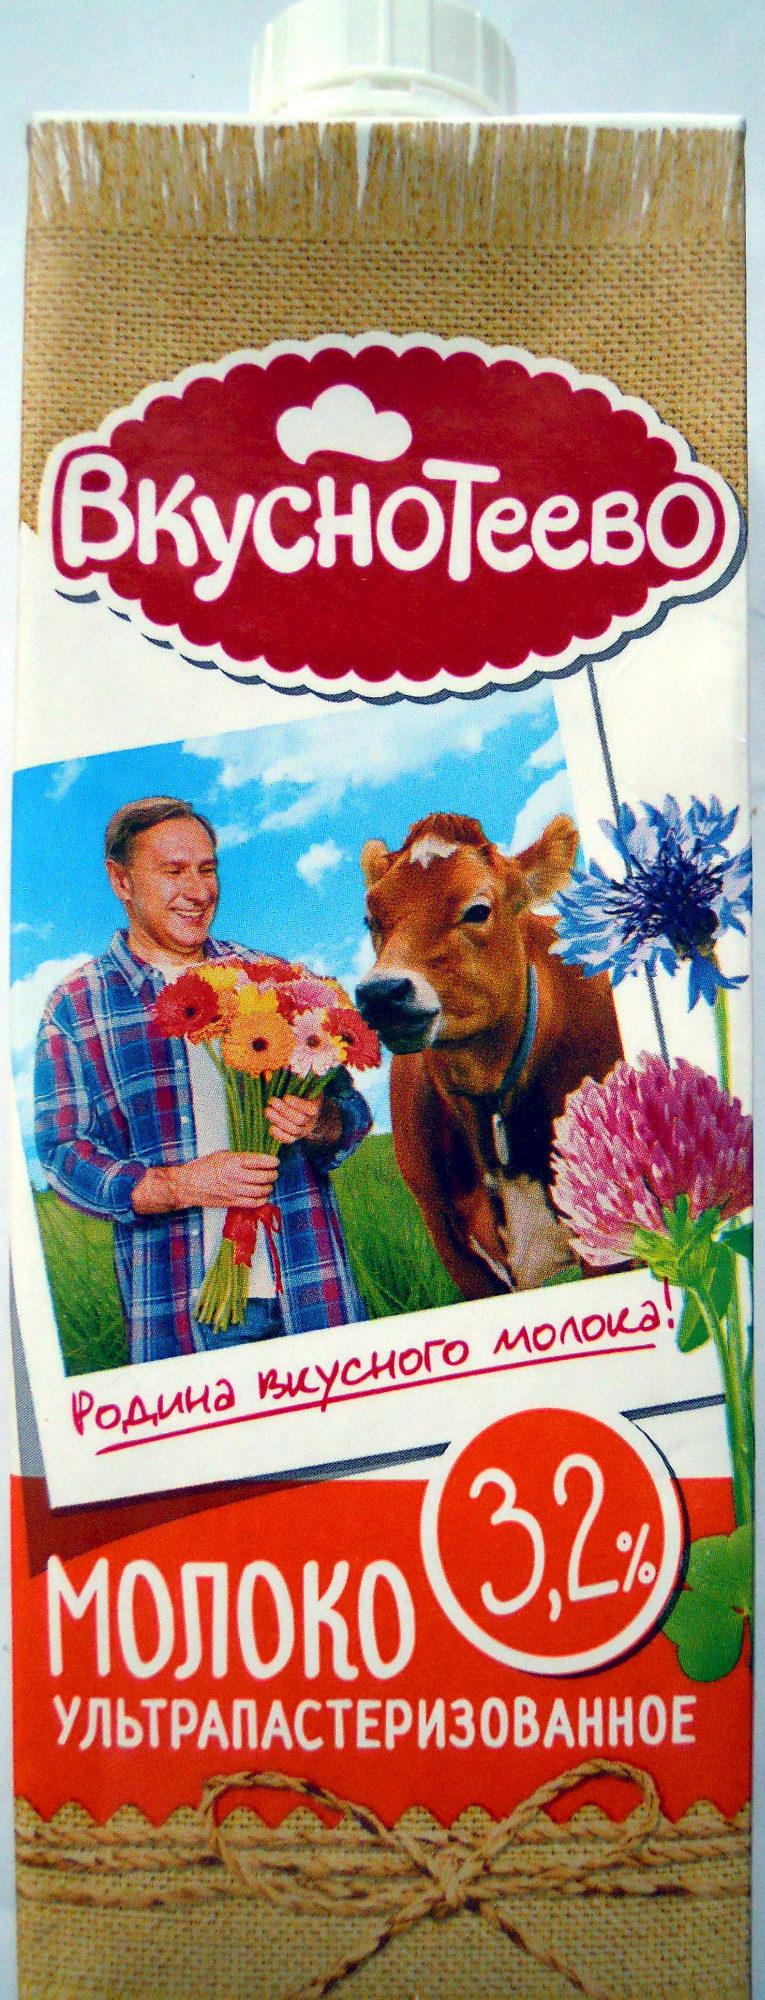 Молоко ультрапастеризованное 3,2 % - Product - ru